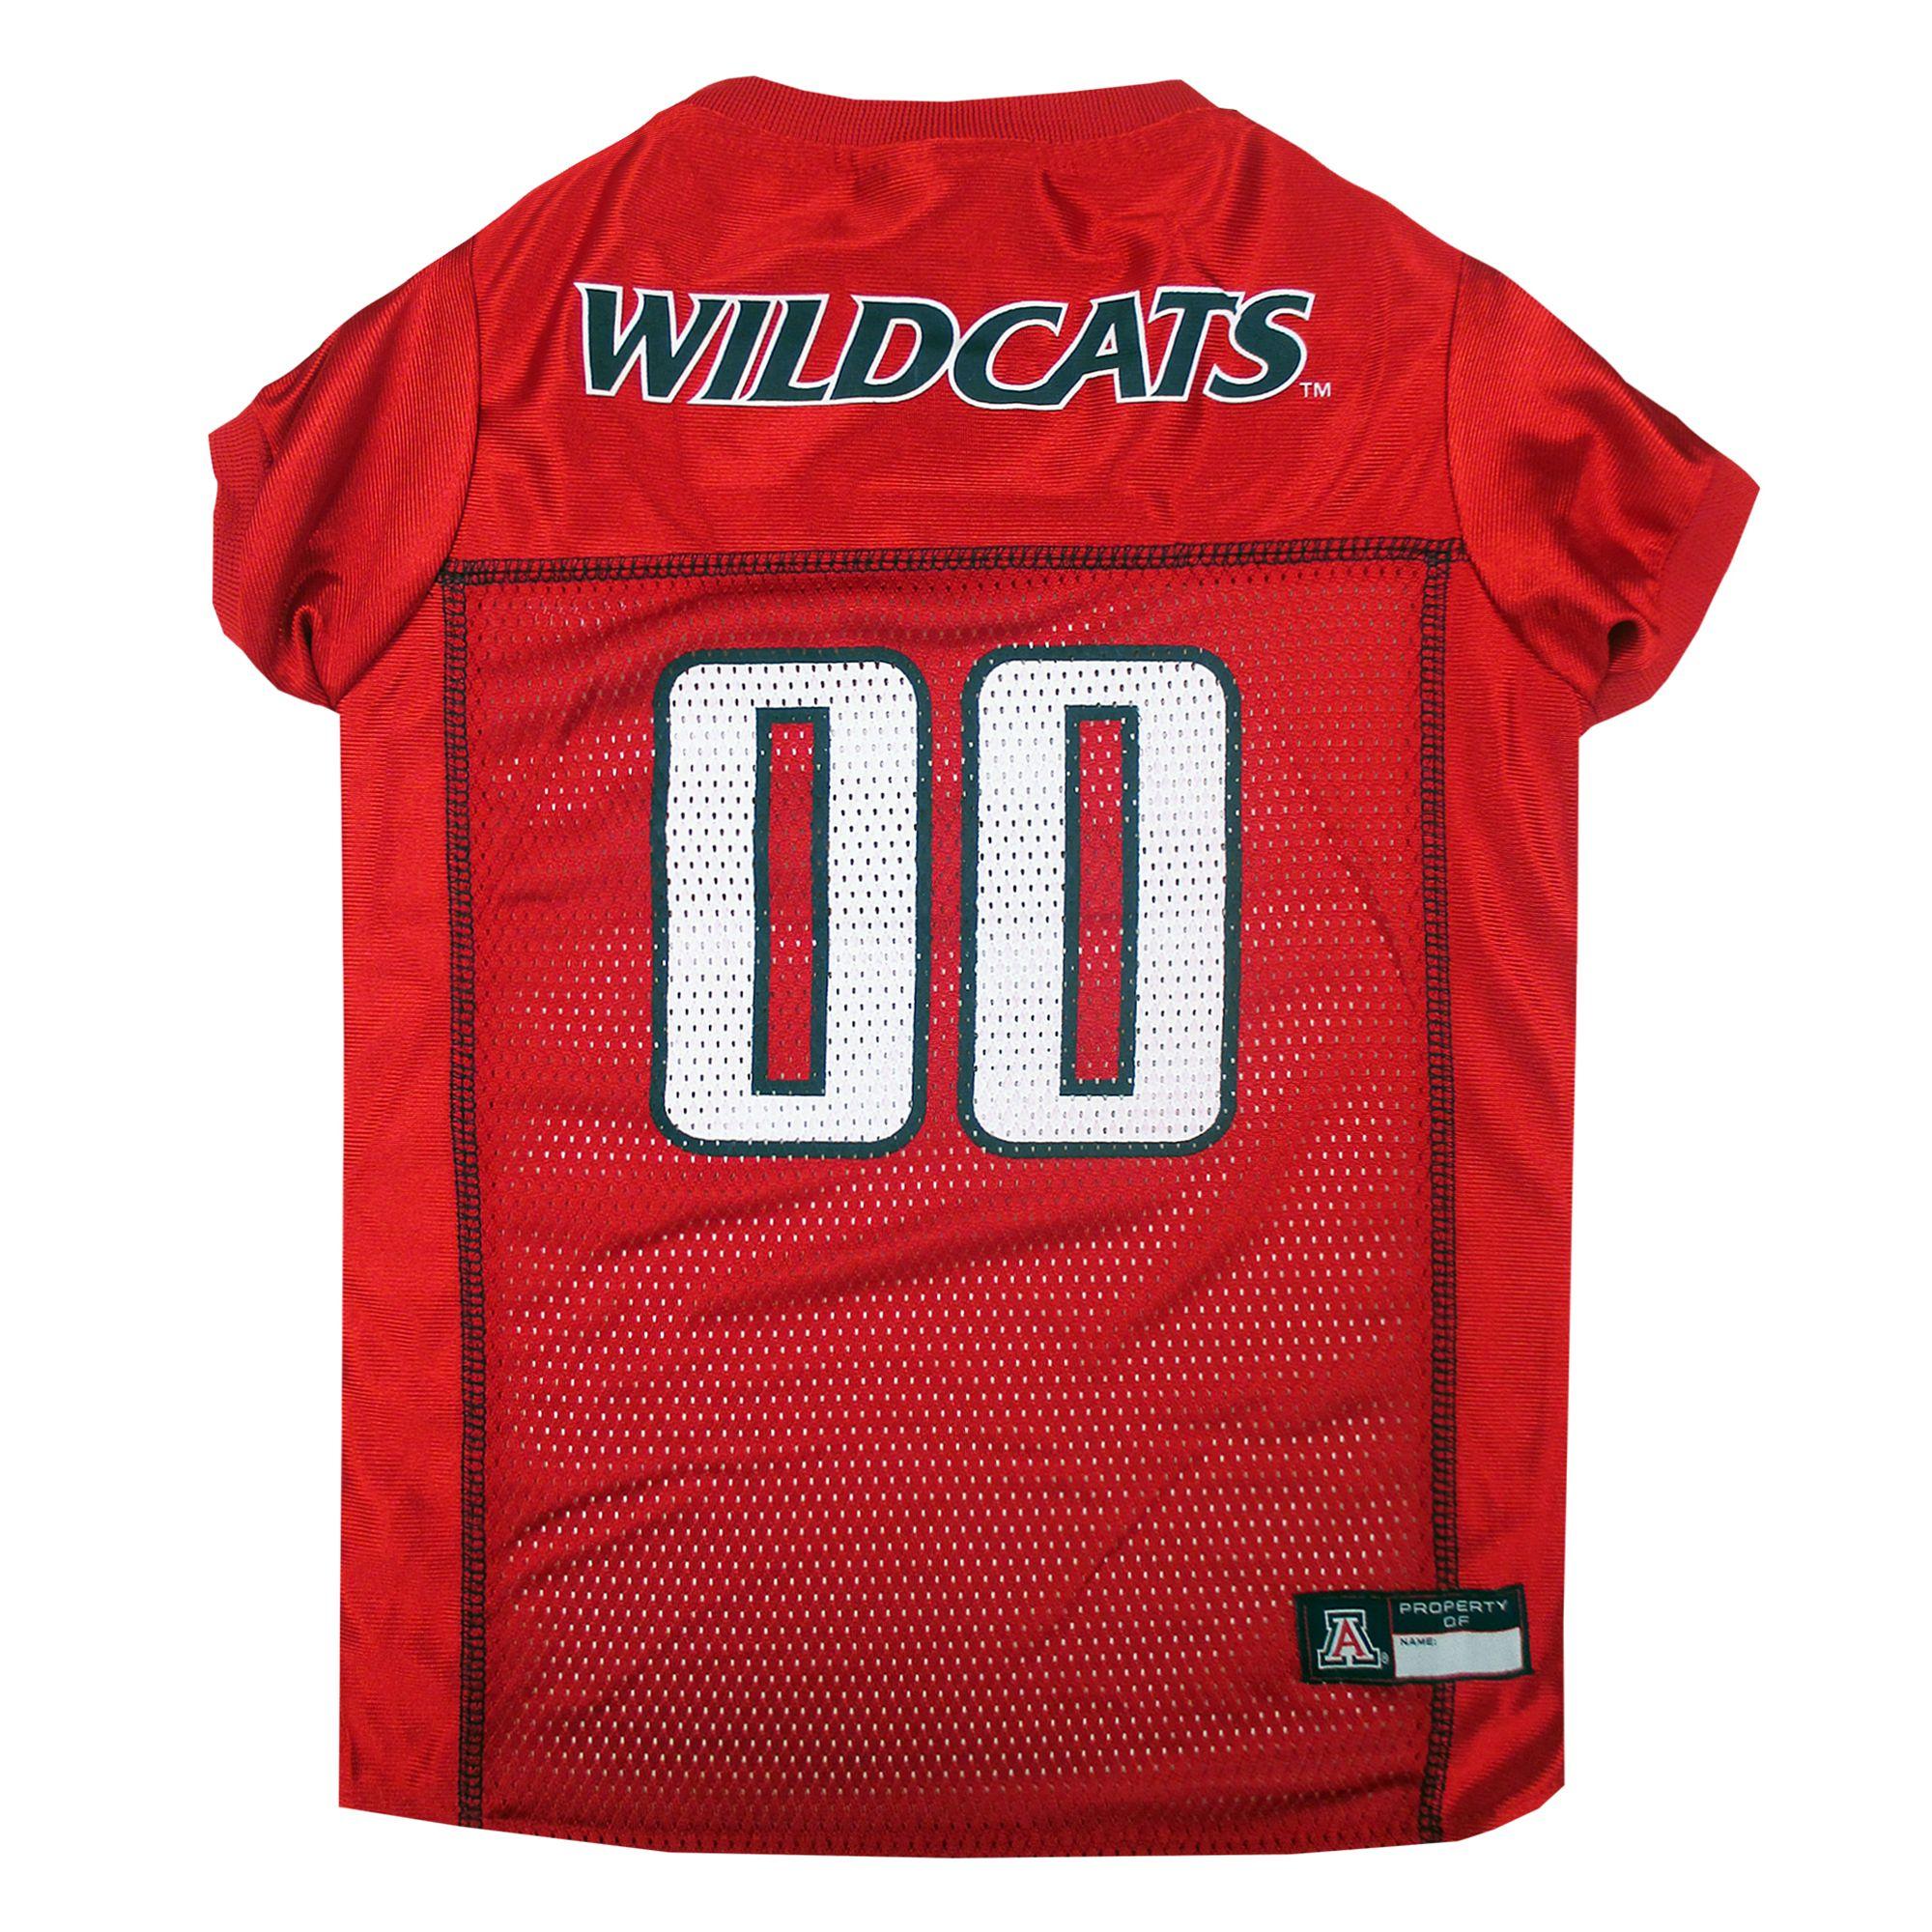 University of Arizona Wildcats Ncaa Jersey size: X Large 5259092